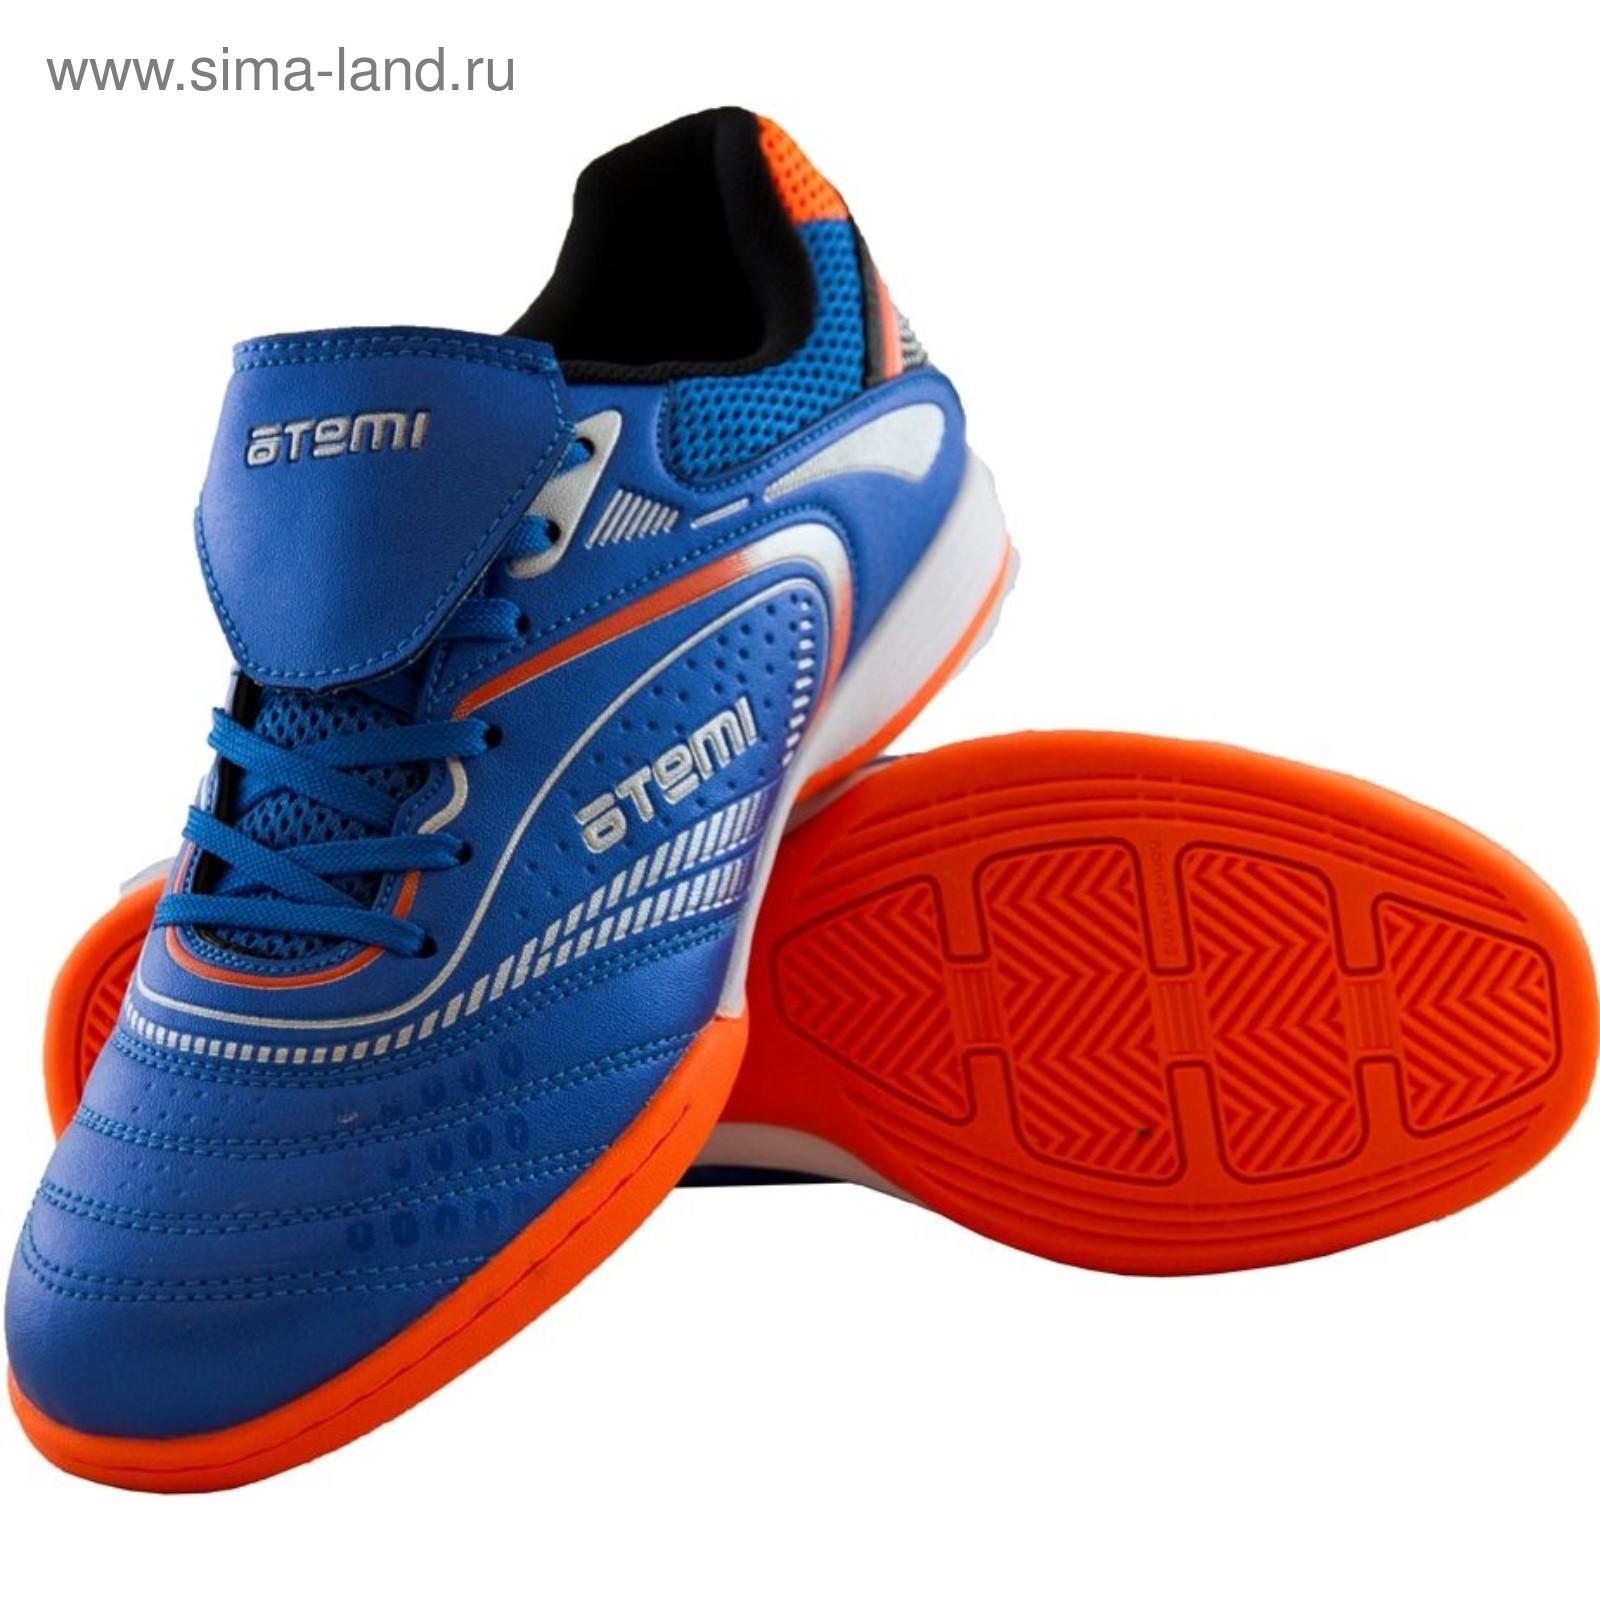 11d0f1db Футбольные бутсы Atemi, цвет оранжево-голубой, синтетическая кожа, размер 30